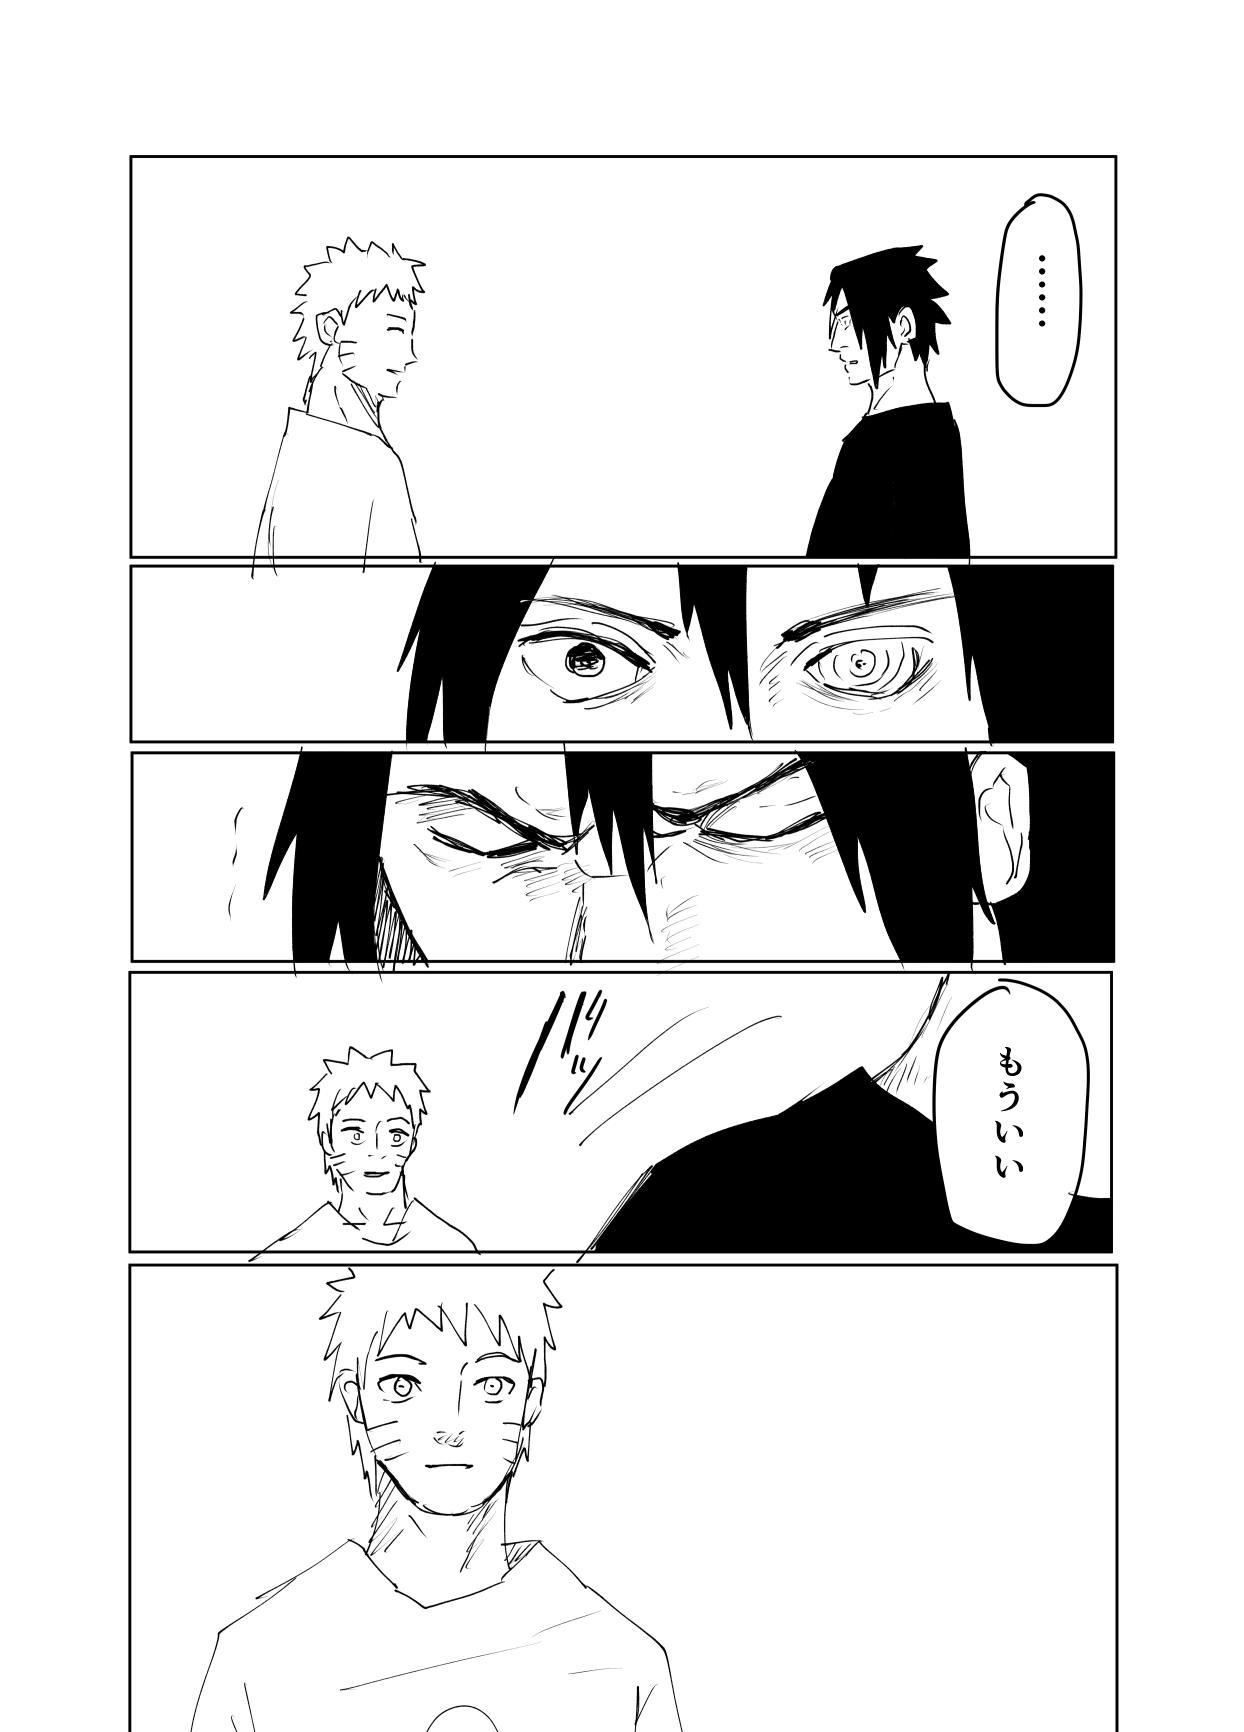 嘘告白漫画 61